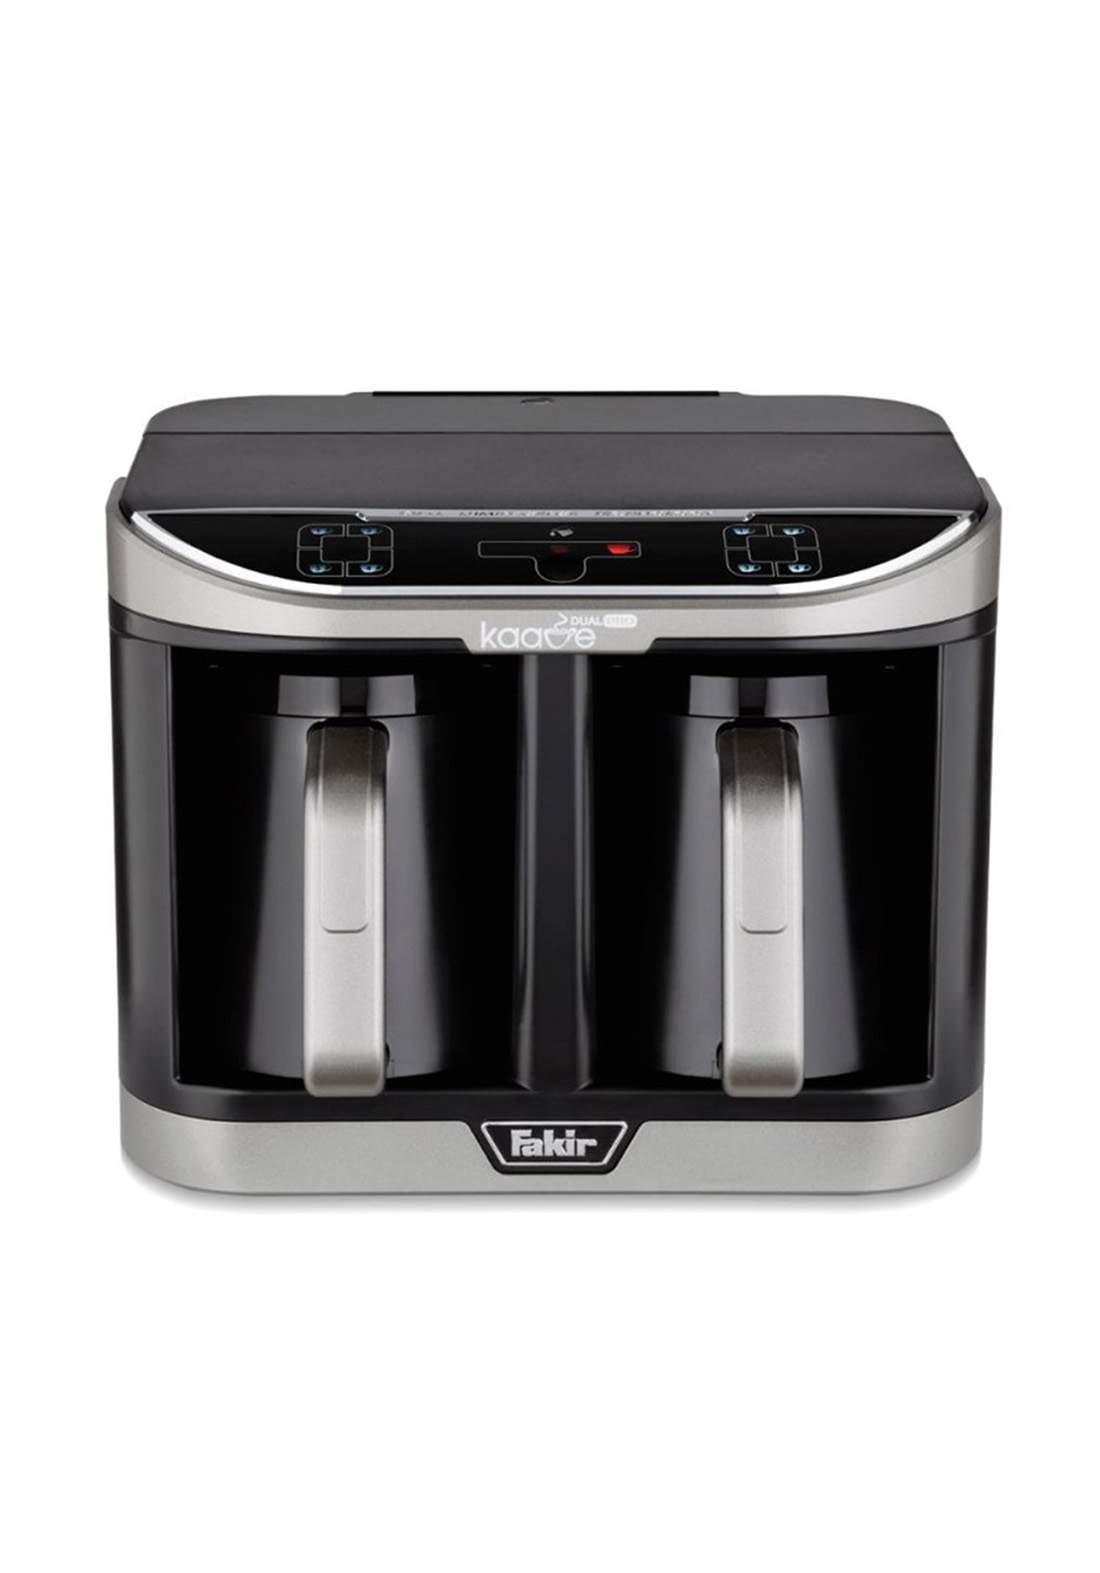 Fakir Dual Coffee Machine 1470 Watt ماكنة صنع قهوة